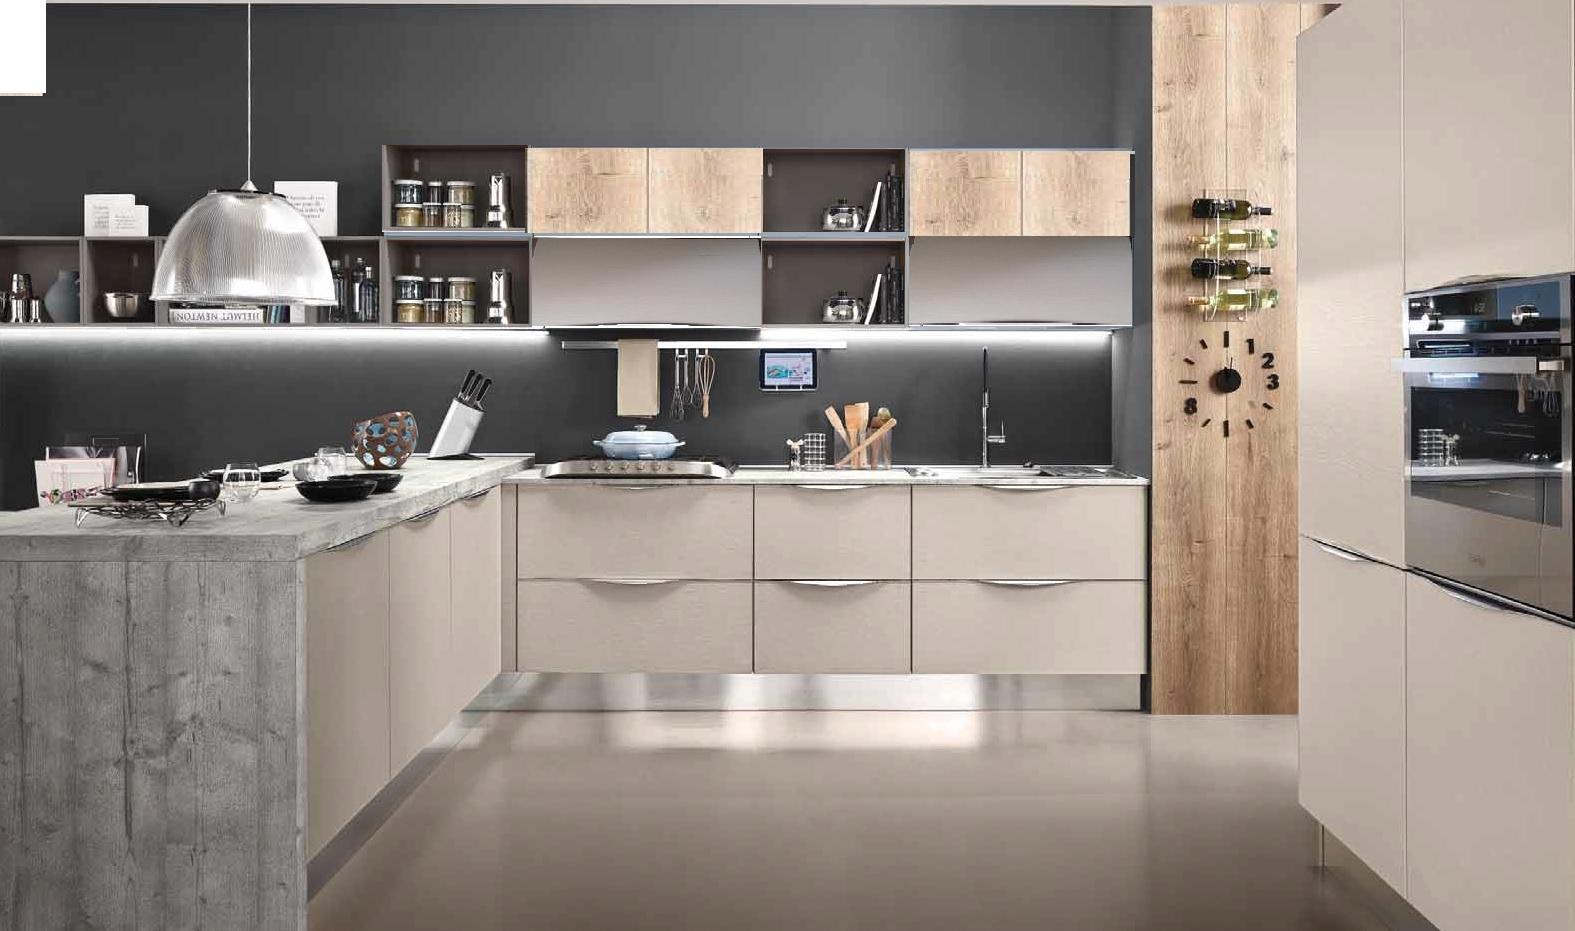 Cucina moderna frassino dorian con penisola cemento dogato - Cucine in cemento ...